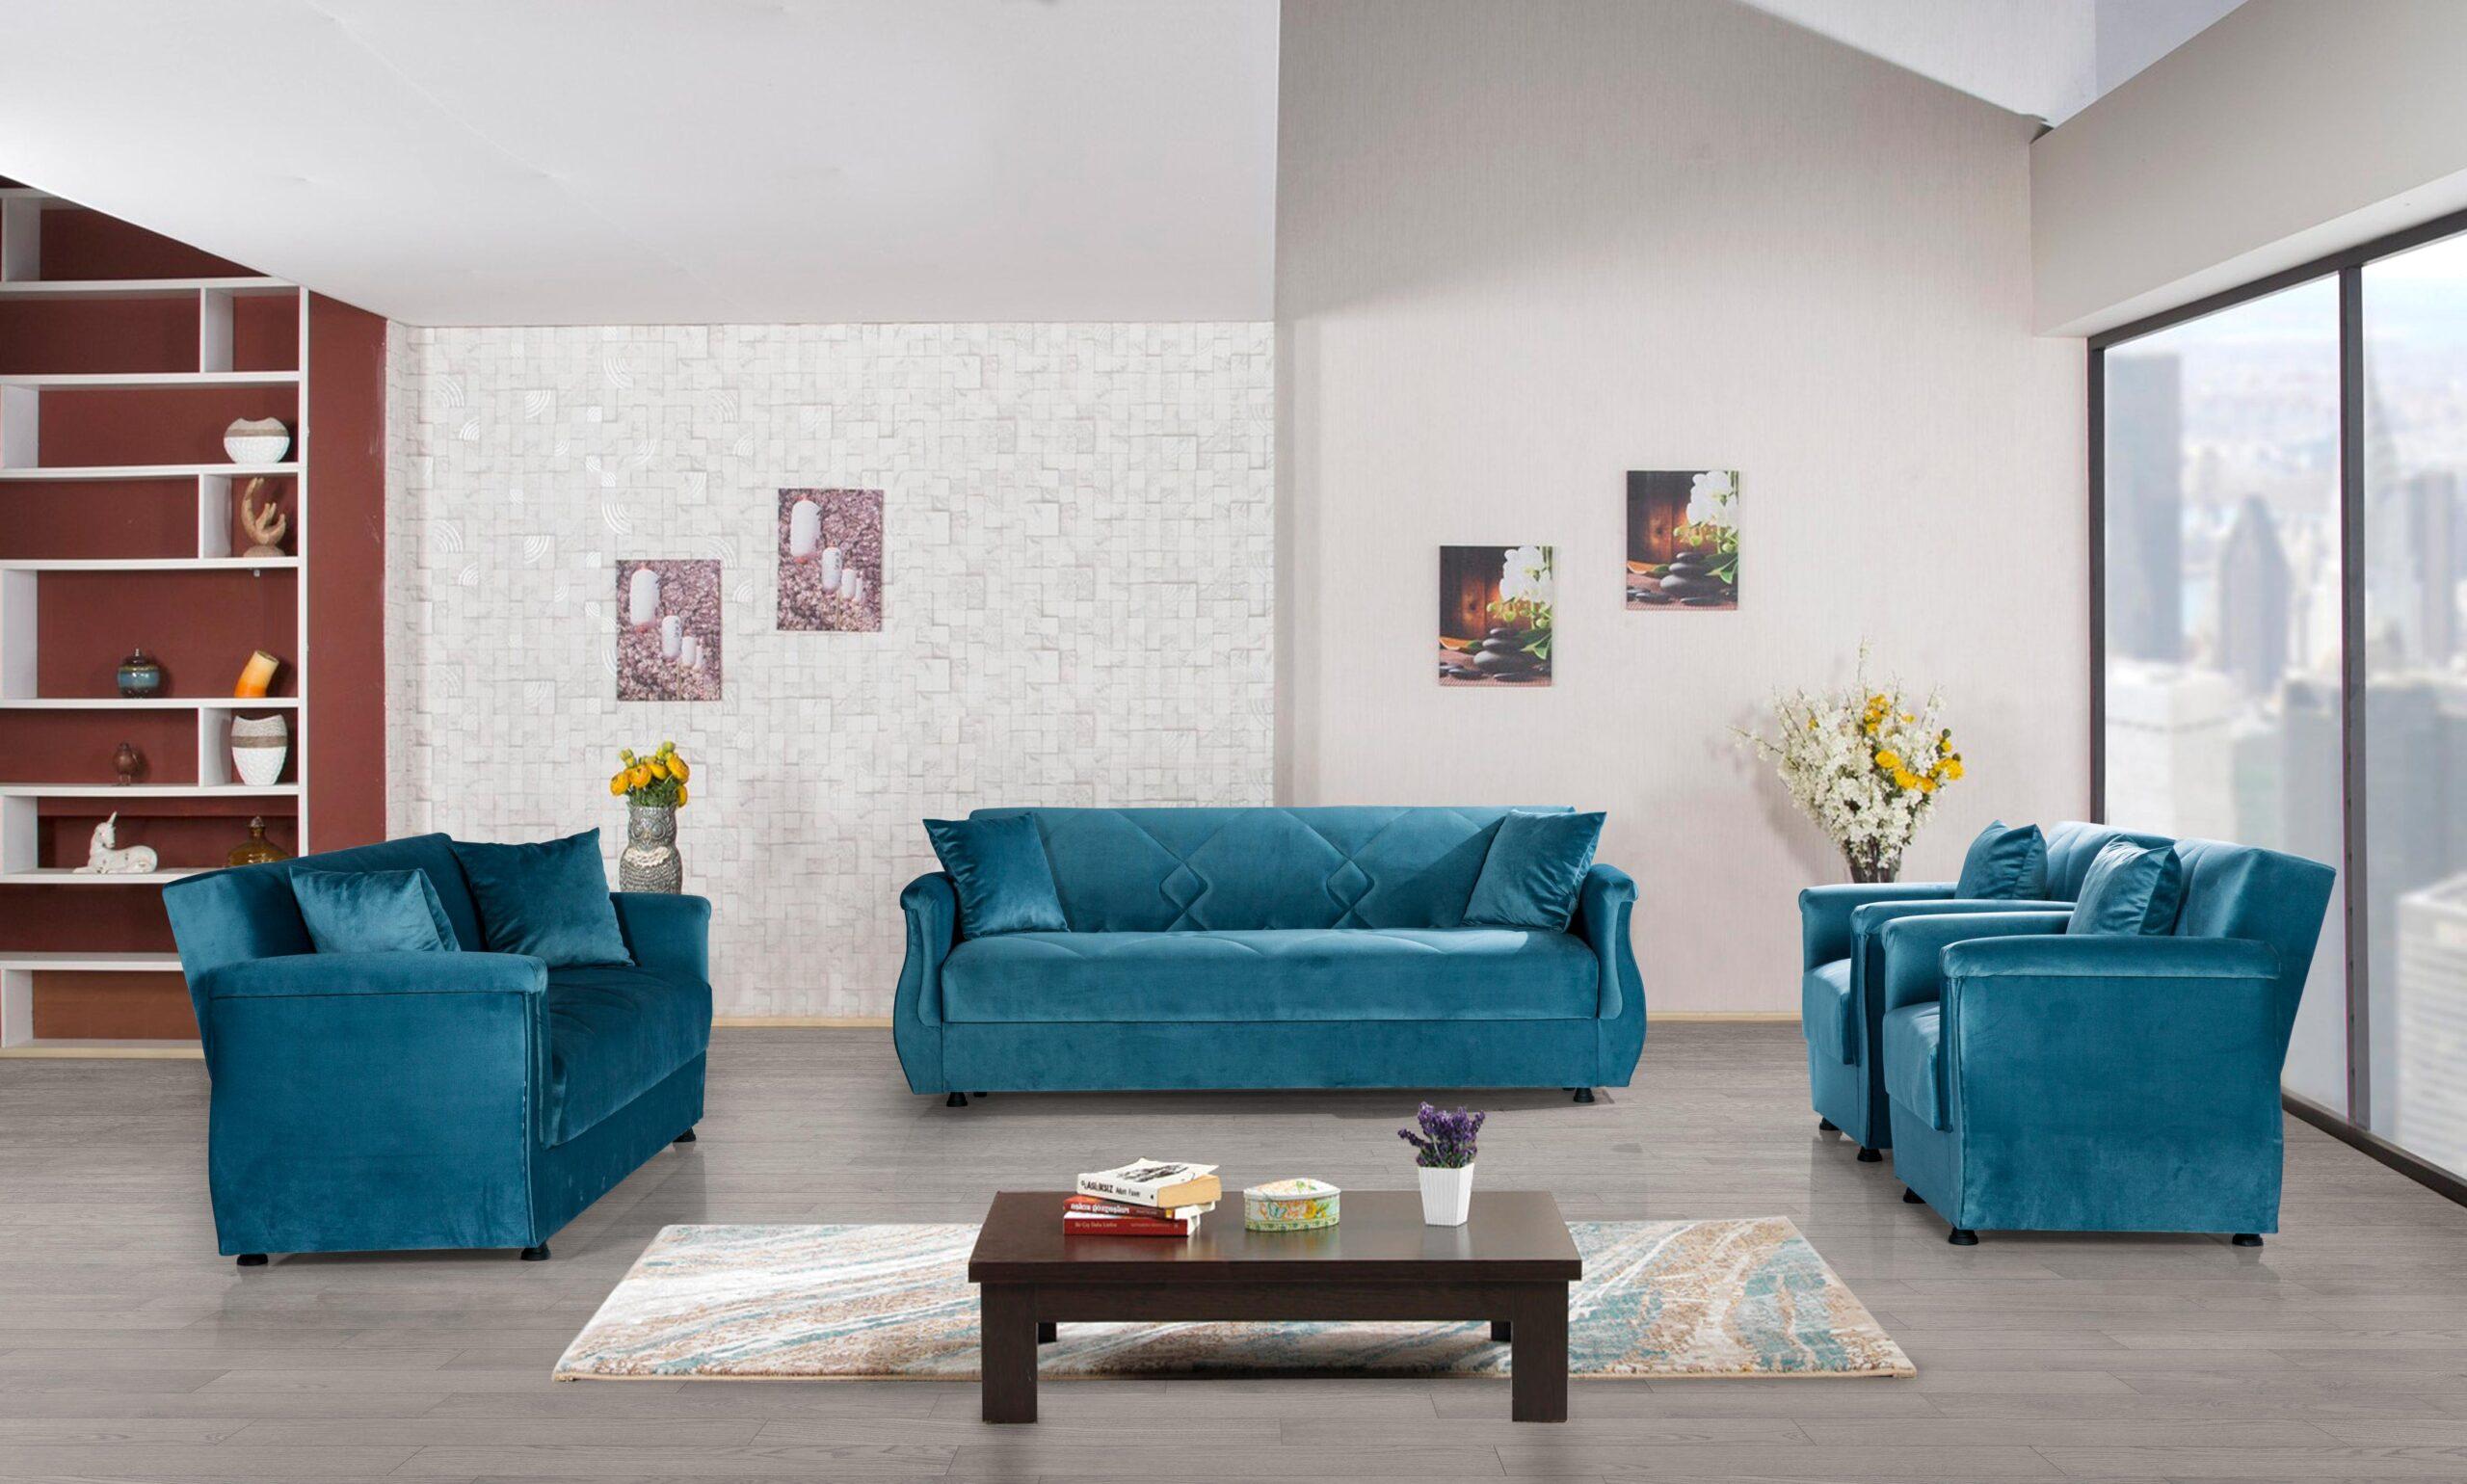 Full Size of Gnstige Couch 3 Teilig Big Sofa Weiß Höffner Bett 140x200 Günstig 180x200 Bettkasten 2 Sitzer Mit Schlaffunktion Betten 200x220 Großes 160x220 Selber Bauen Sofa Sofa Garnitur 2 Teilig